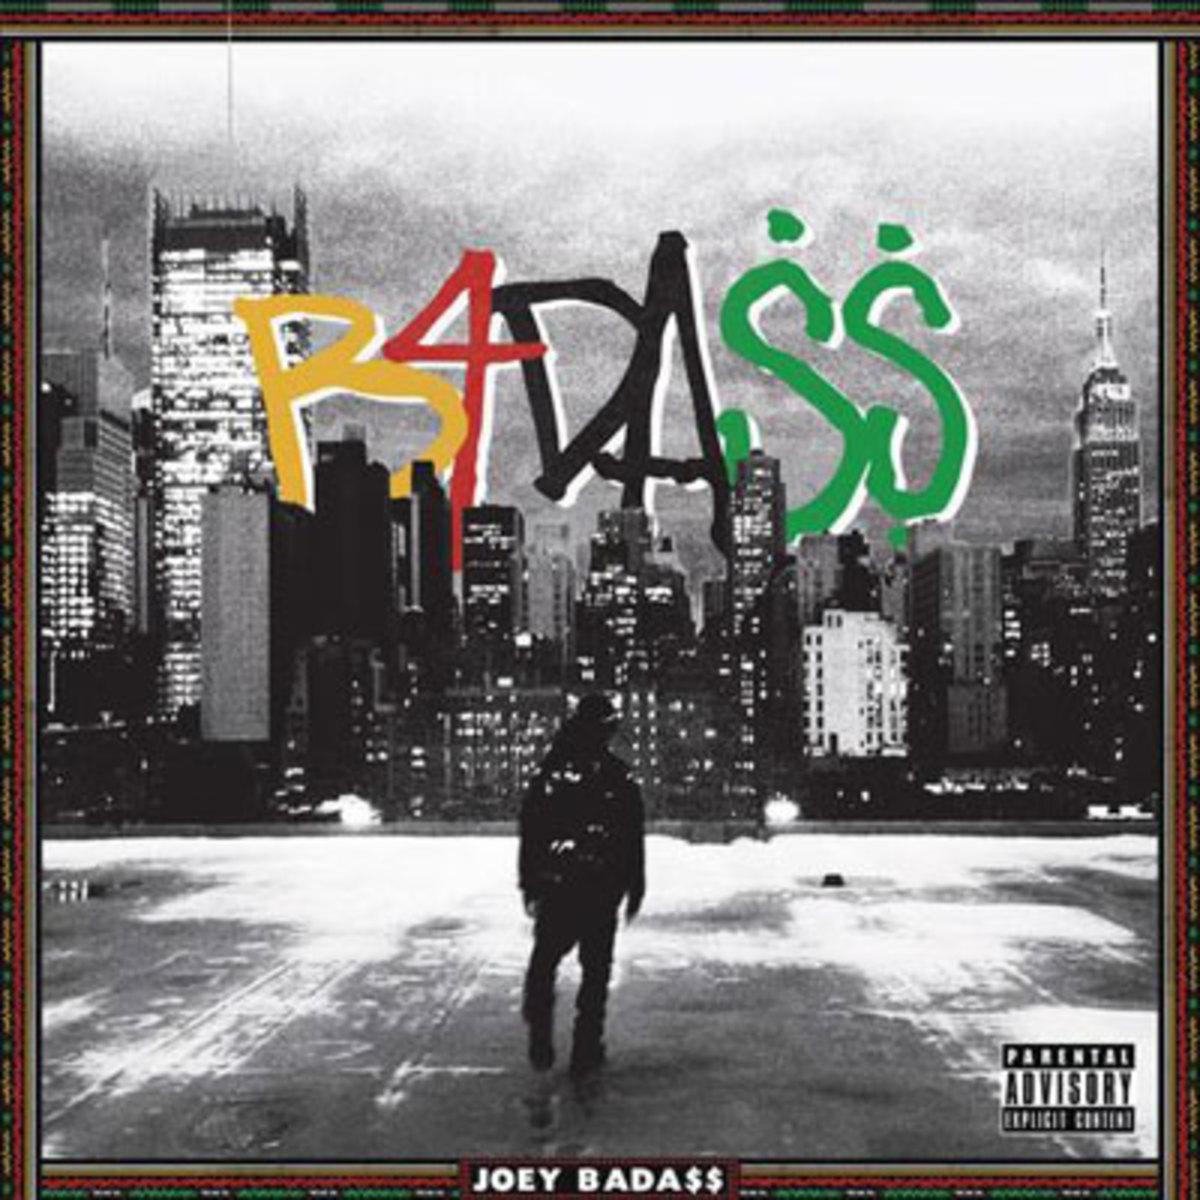 joeybadass-b4da$$.jpg